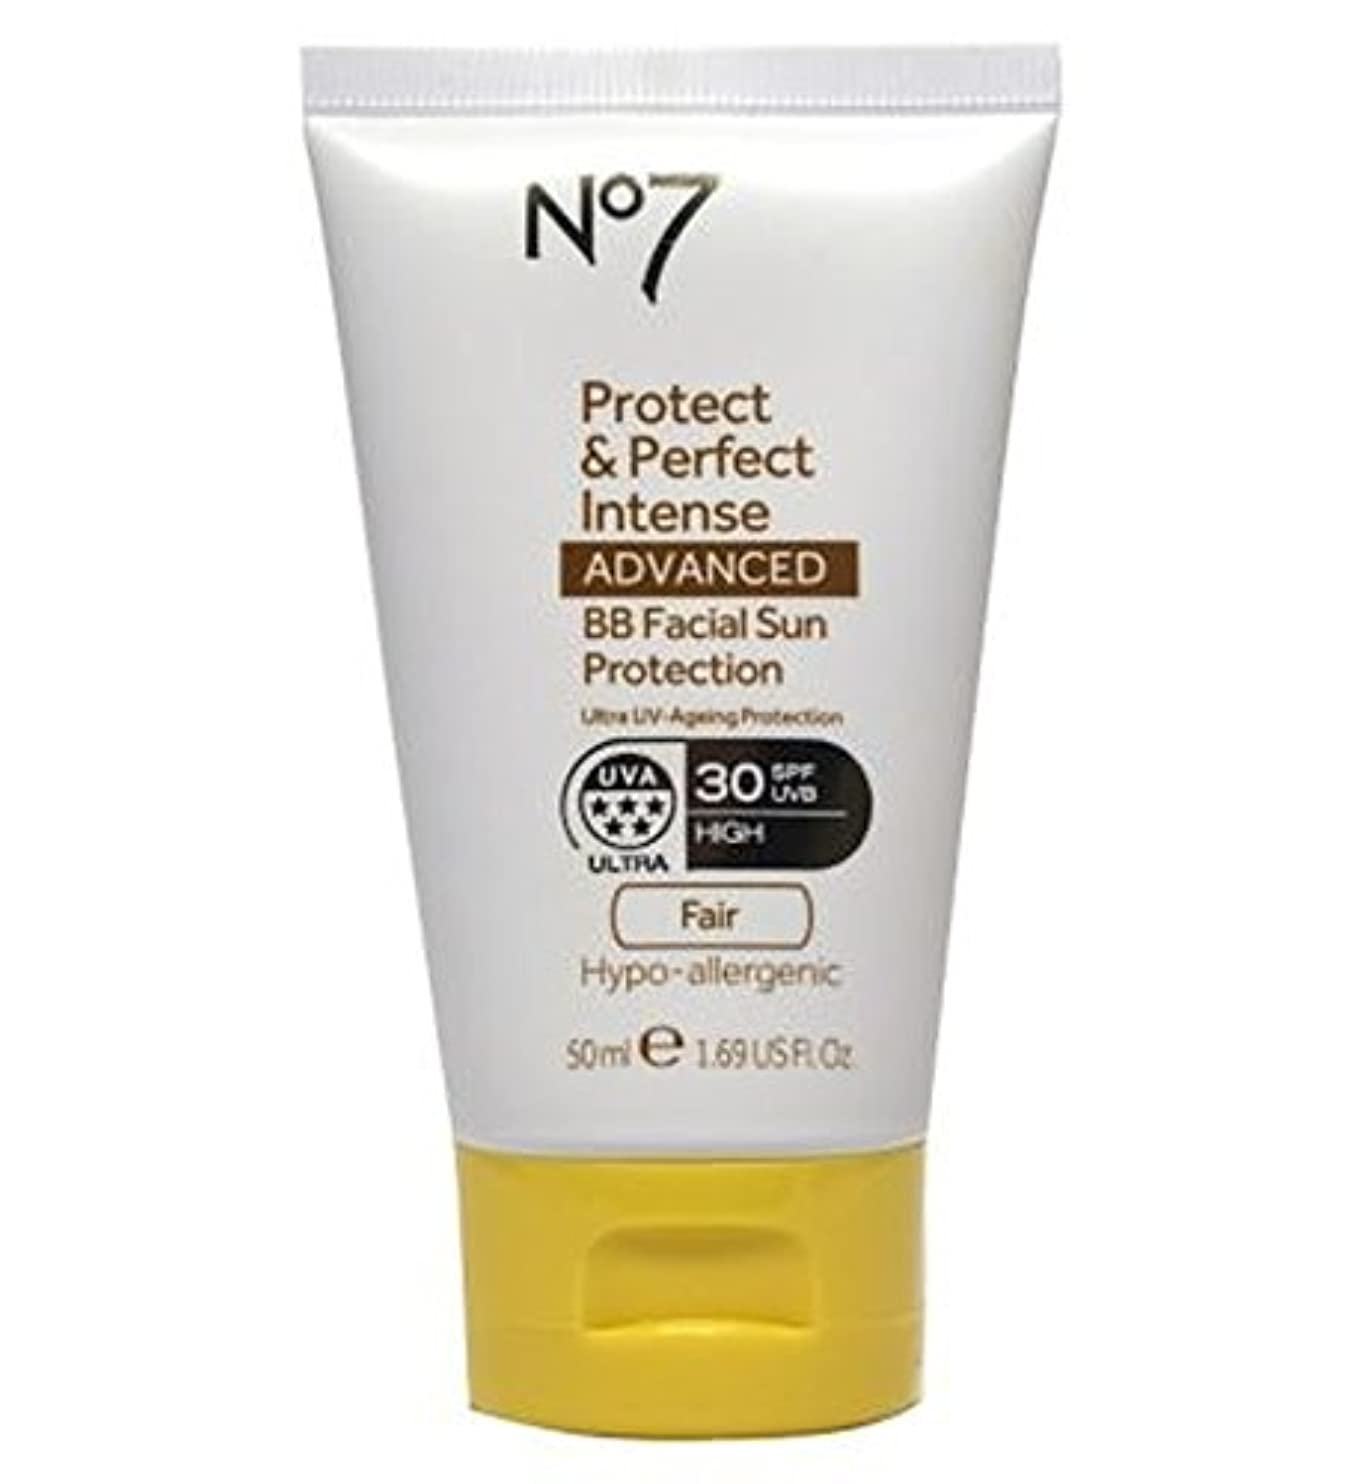 おなかがすいた育成政治的No7 Protect & Perfect Intense ADVANCED BB Facial Sun Protection SPF30 Light 50ml - No7保護&完璧な強烈な先進Bb顔の日焼け防止Spf30...